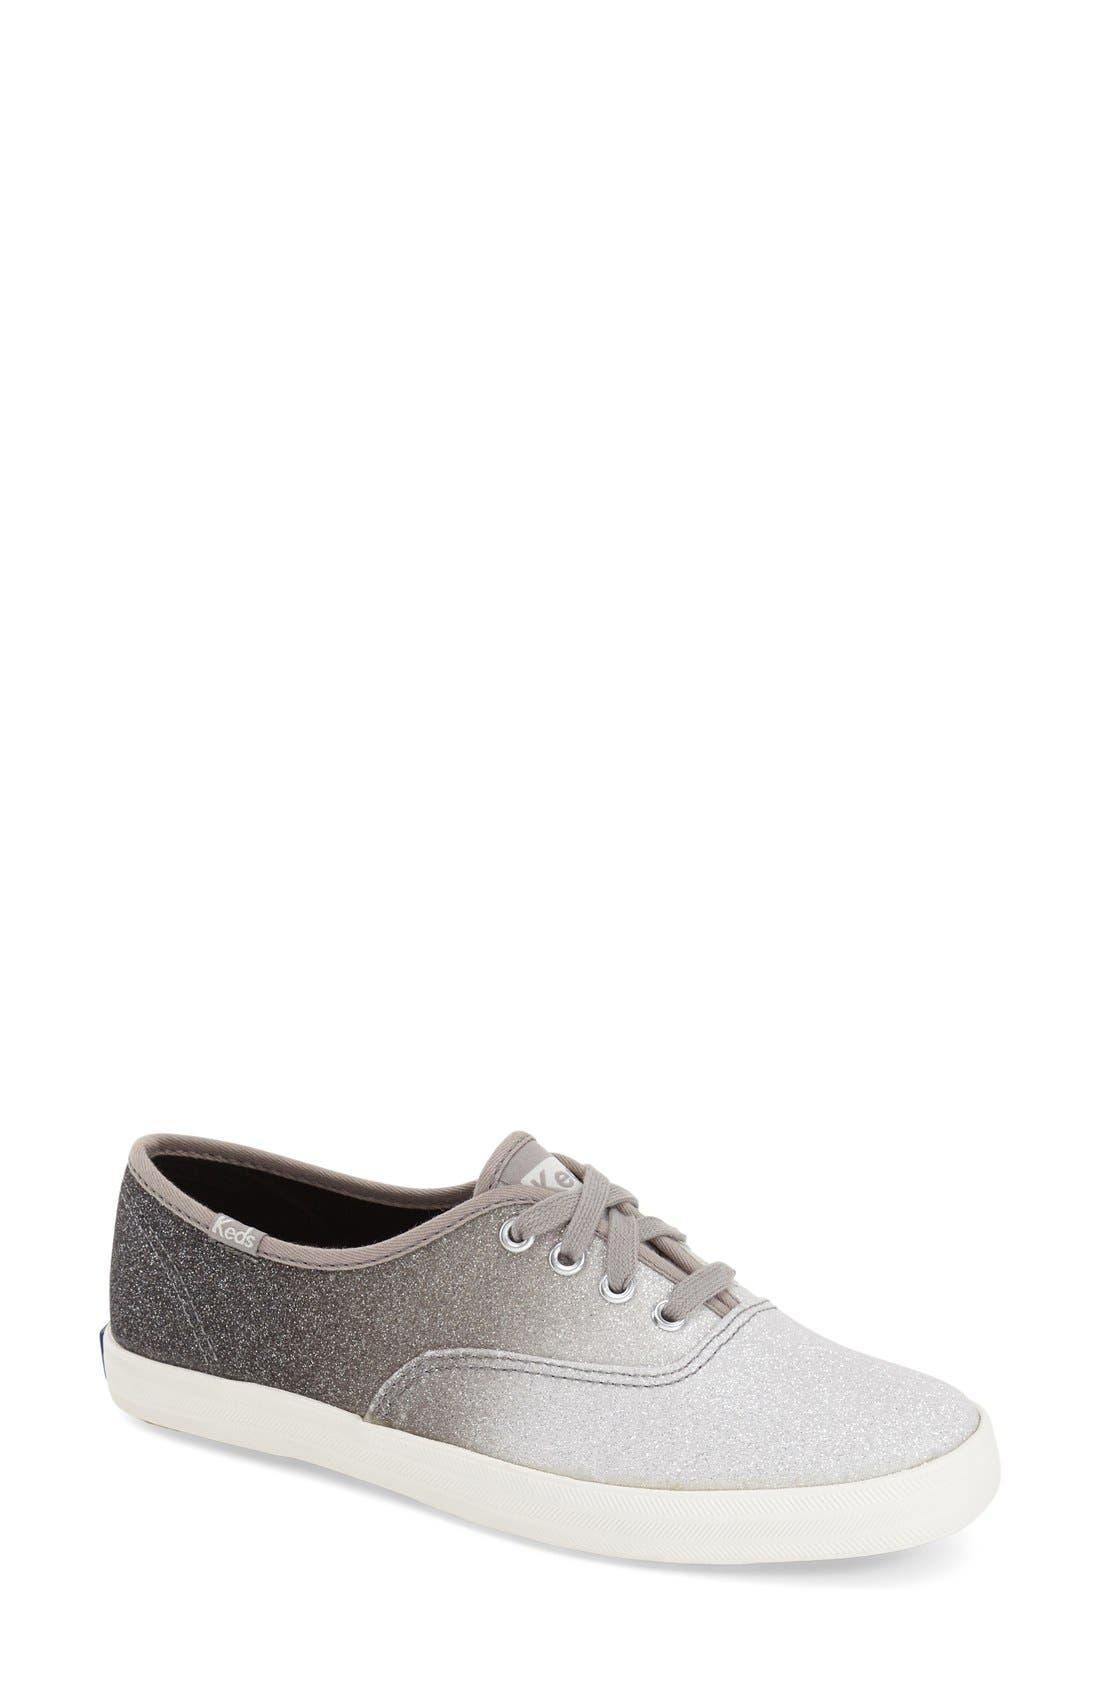 Alternate Image 1 Selected - Keds® 'Champion - Ombré Glitter' Sneaker (Women)